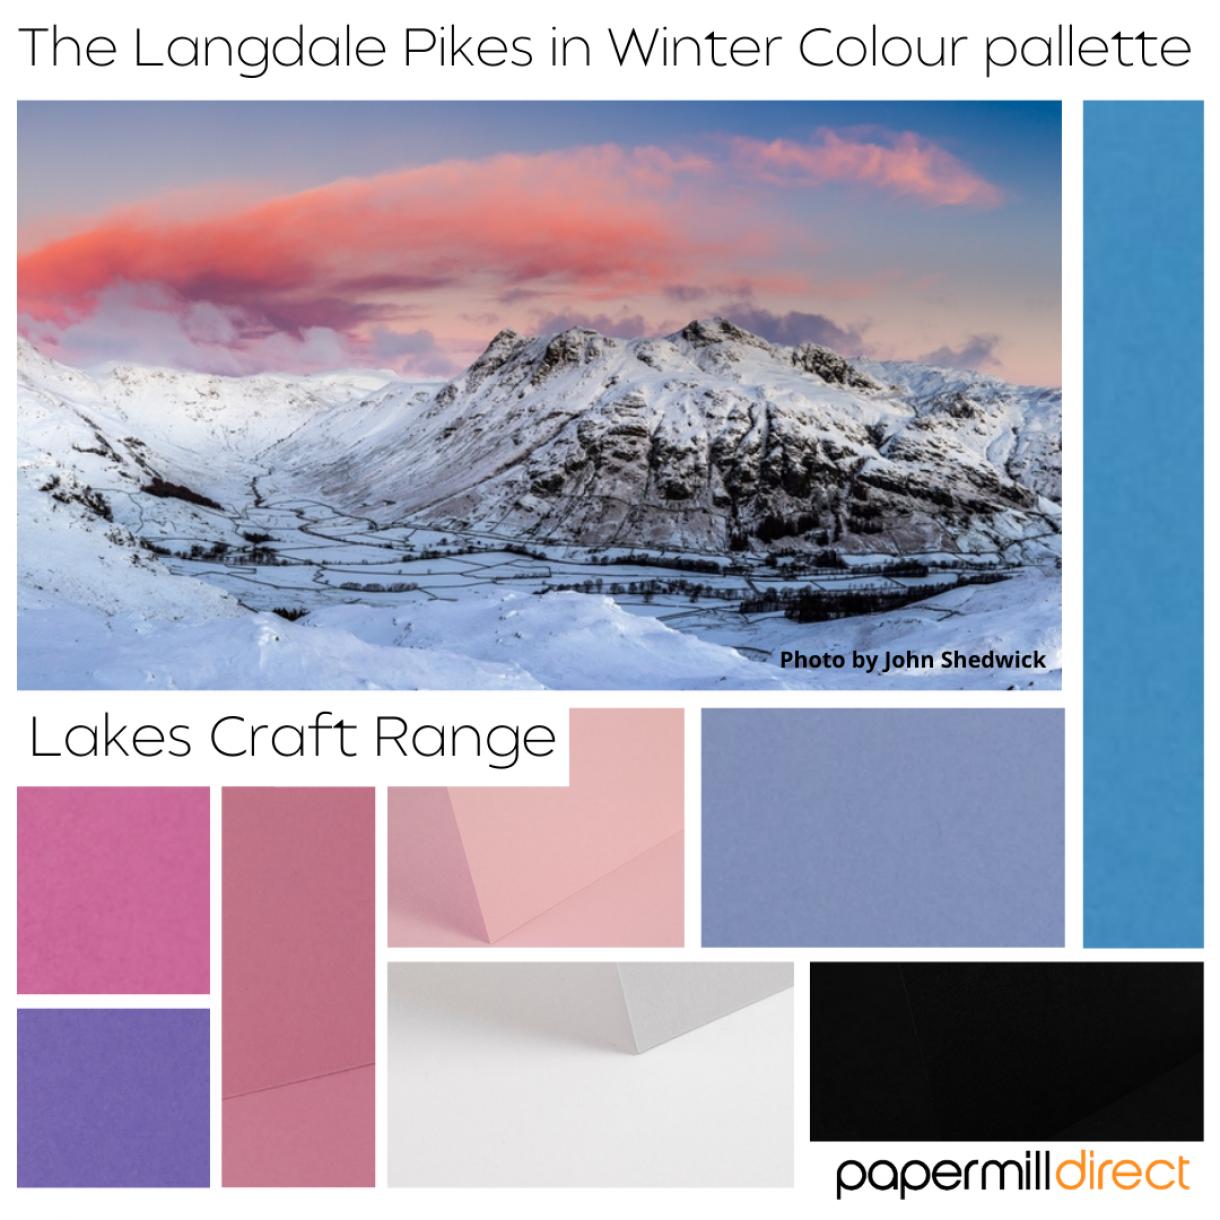 Lakes Craft Range 2